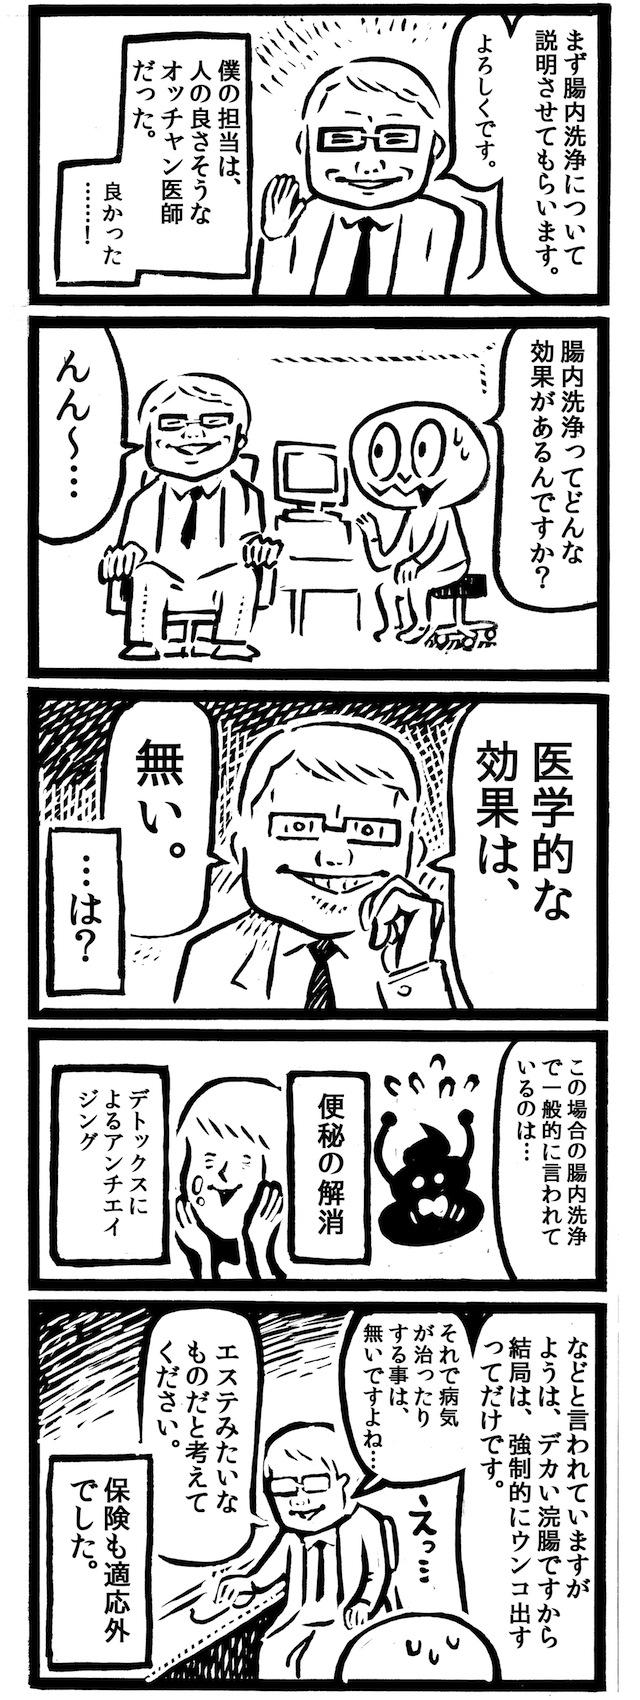 腸内洗浄-06